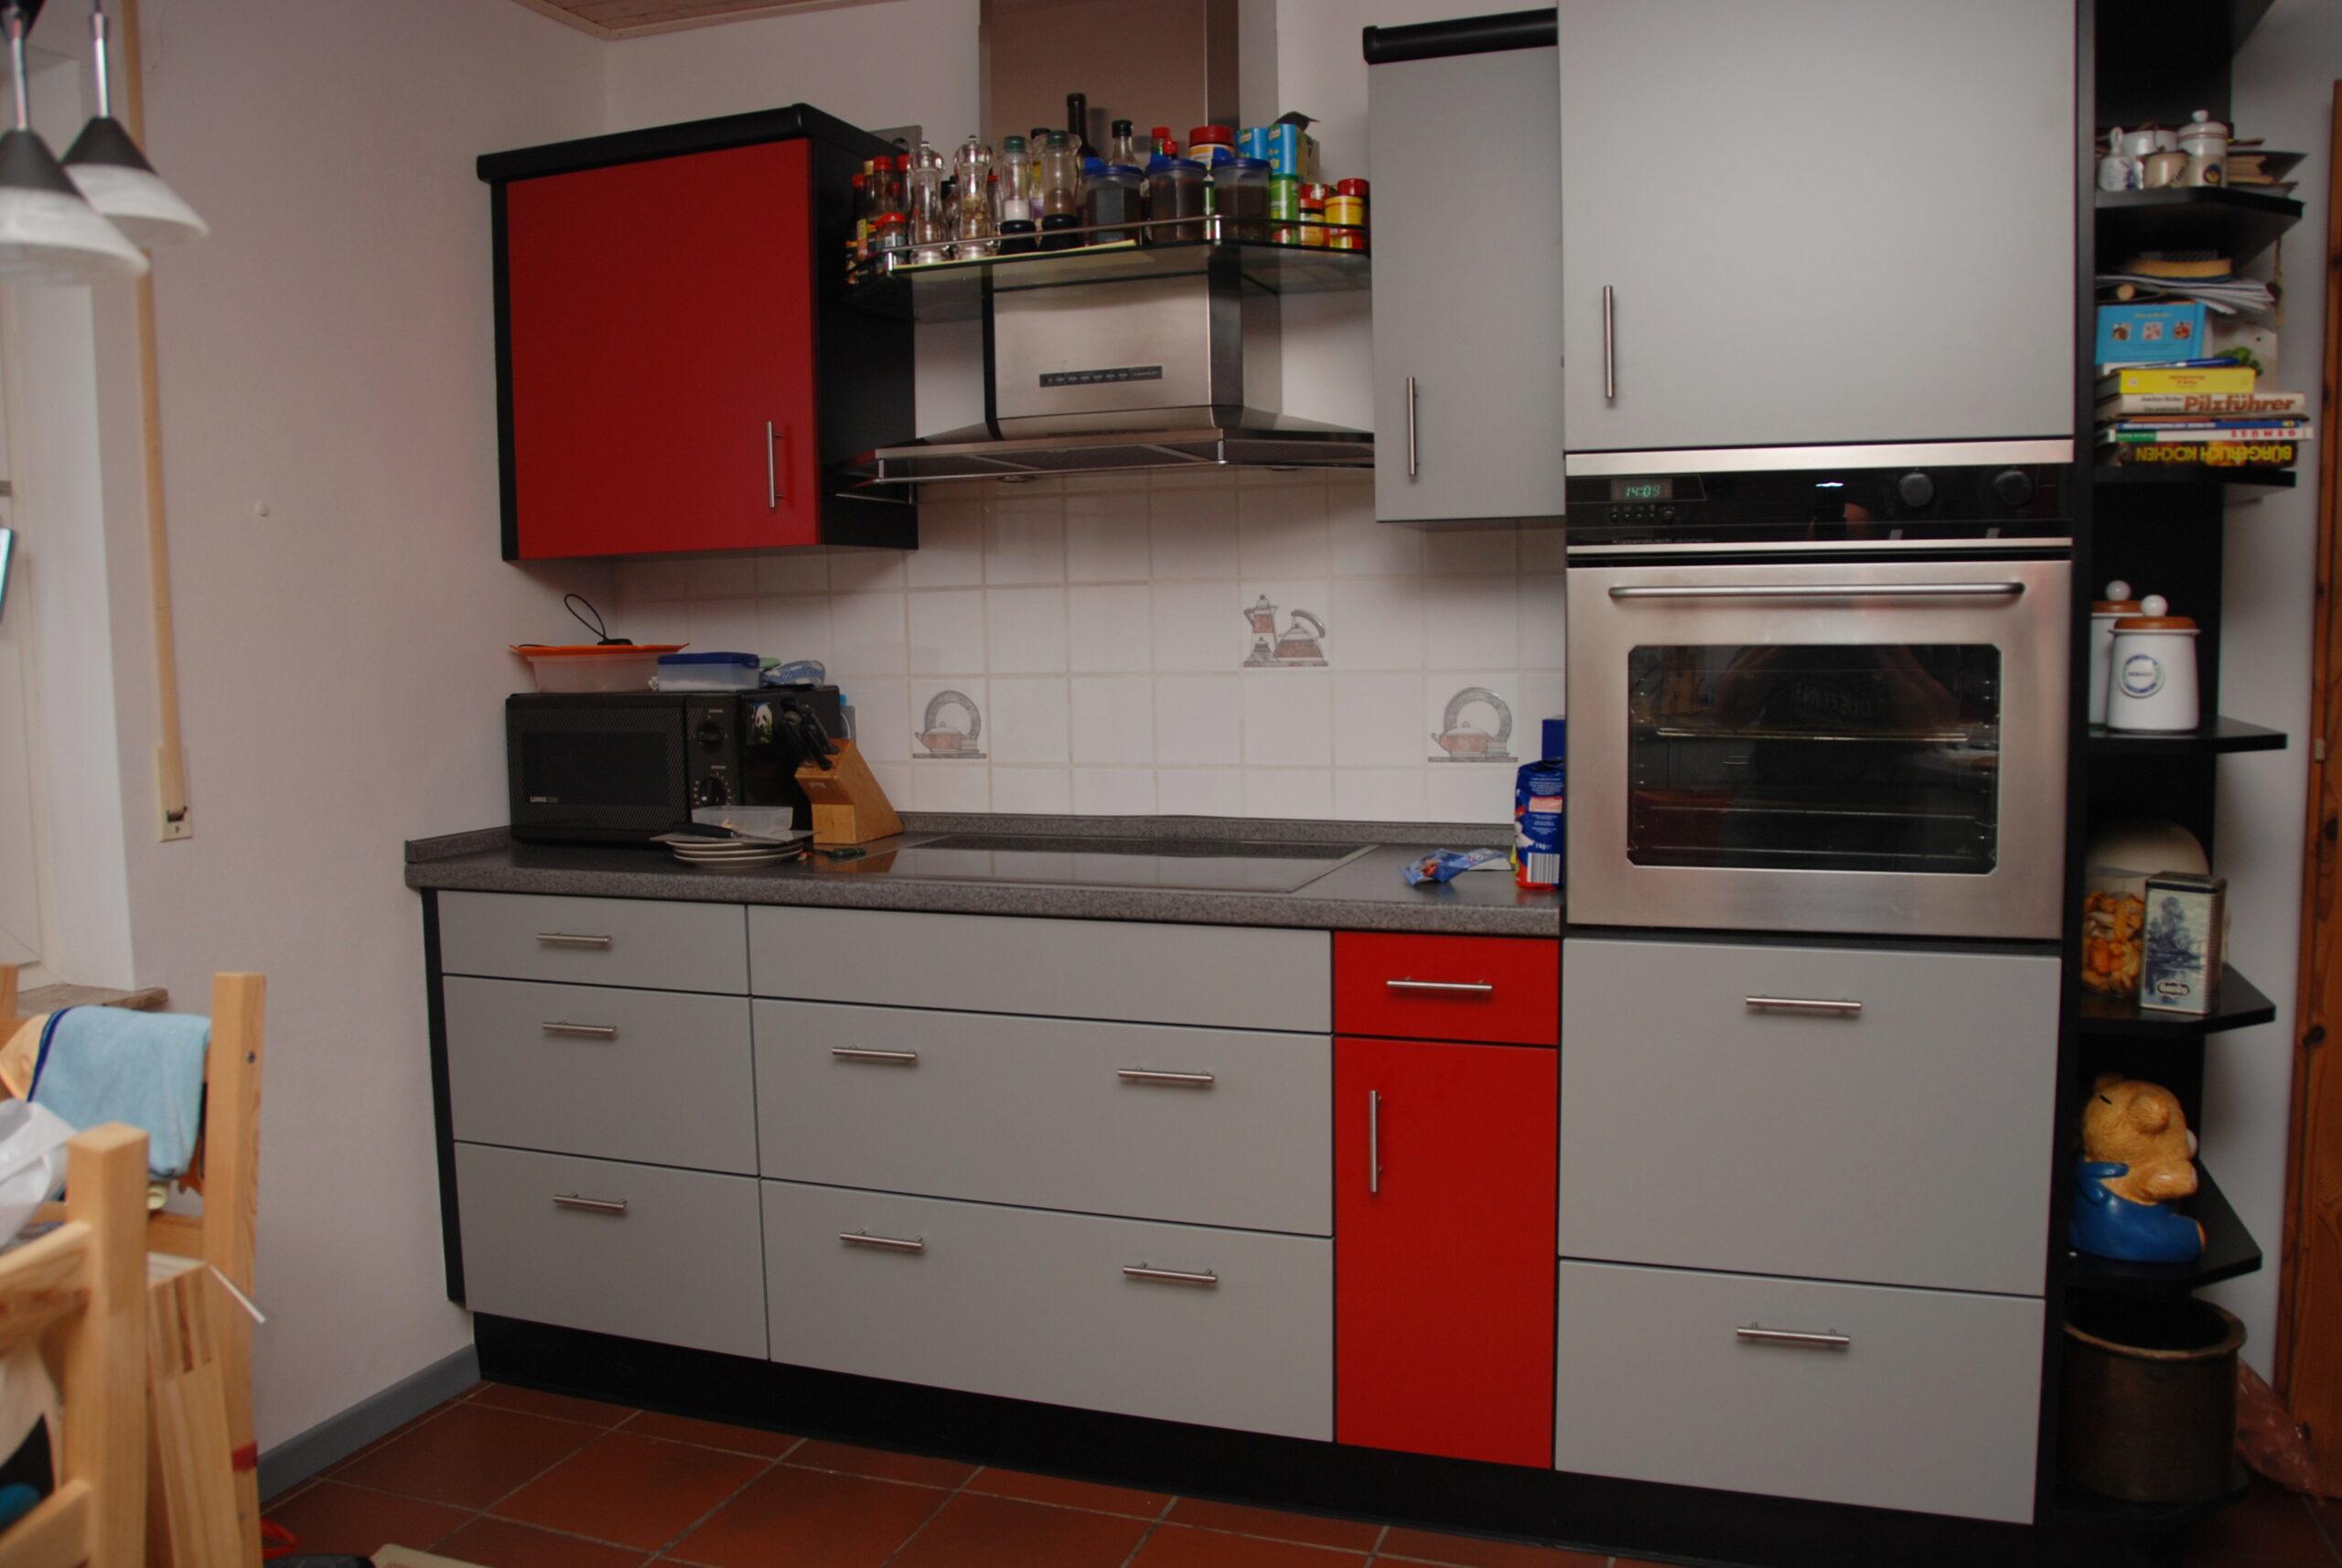 Full Size of Wandregal Ikea Küche Kche Sockelleiste Montieren Kuchen Single Wasserhahn Beistellregal Einbauküche Günstig Handtuchhalter Keramik Waschbecken Led Wohnzimmer Wandregal Ikea Küche